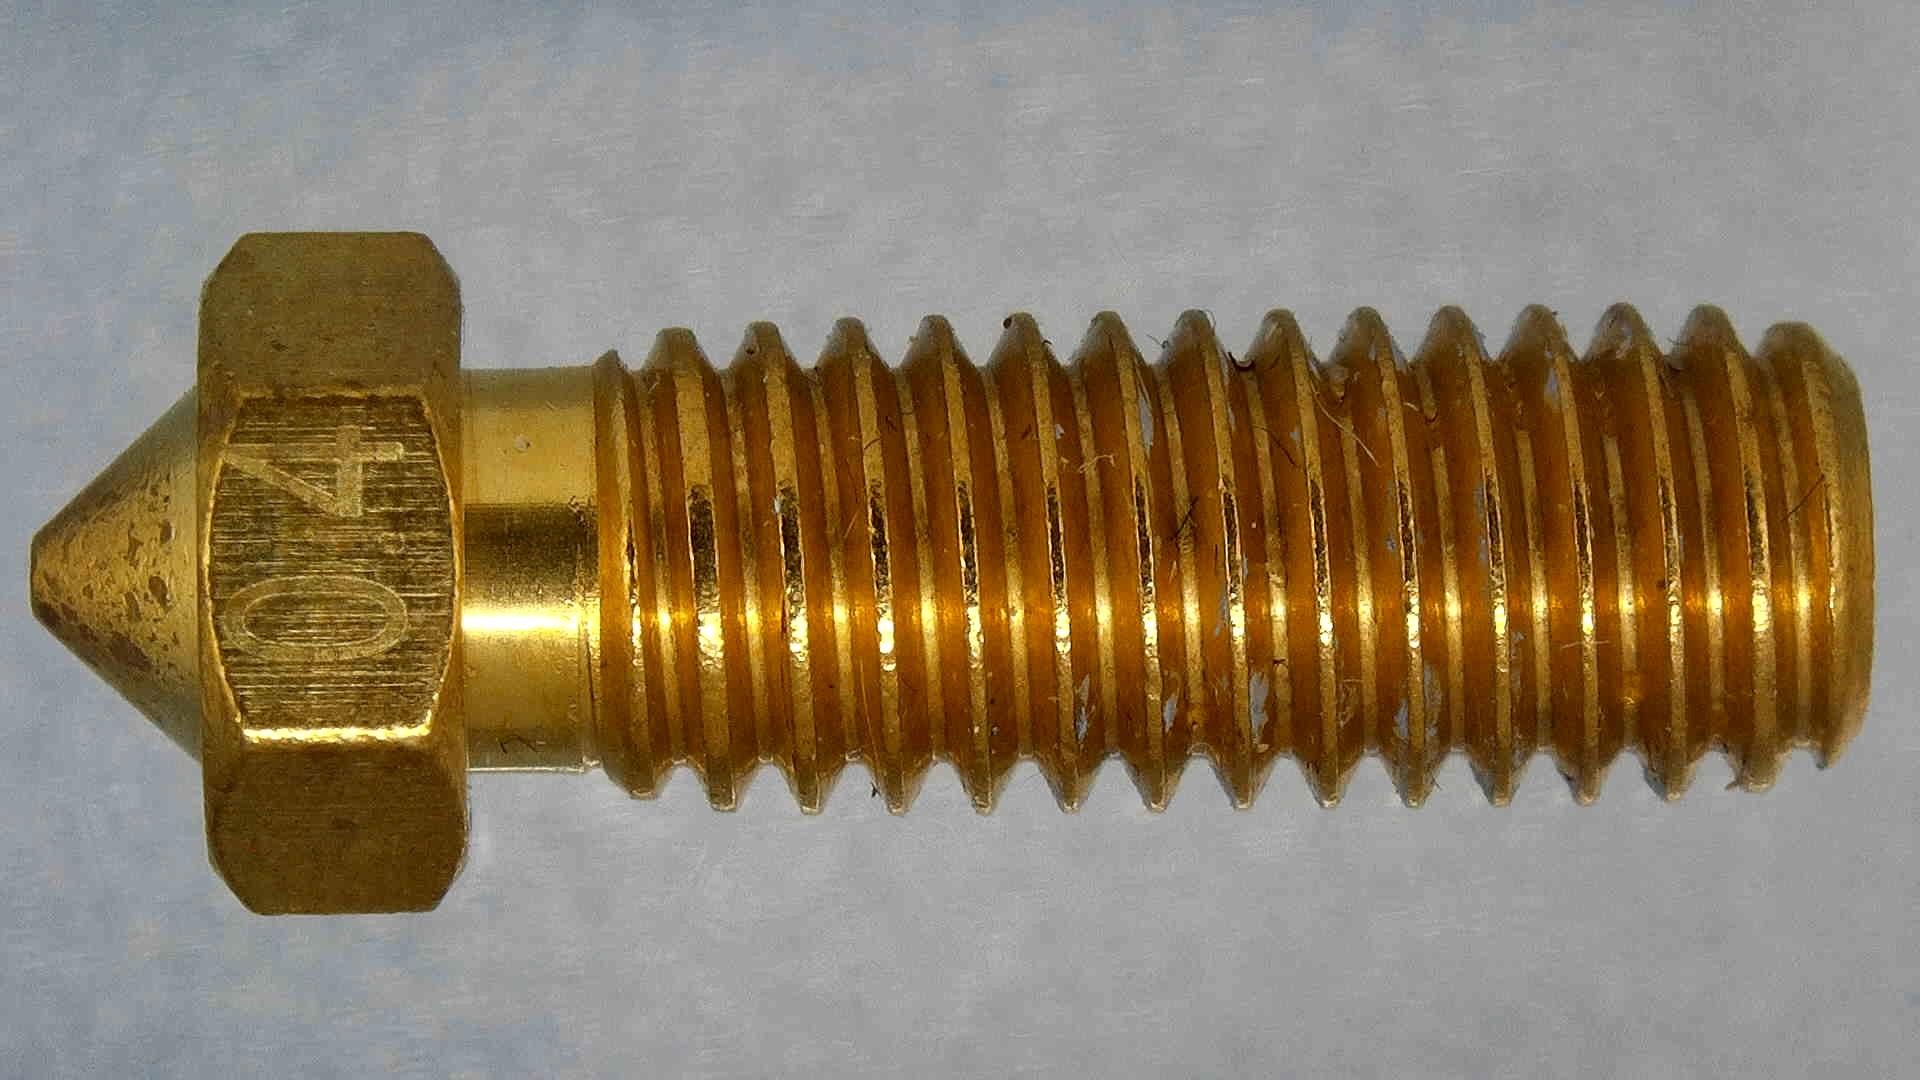 Stock-Artillery-Volcano-Nozzle-1-3D Printer Nozzle Comparison